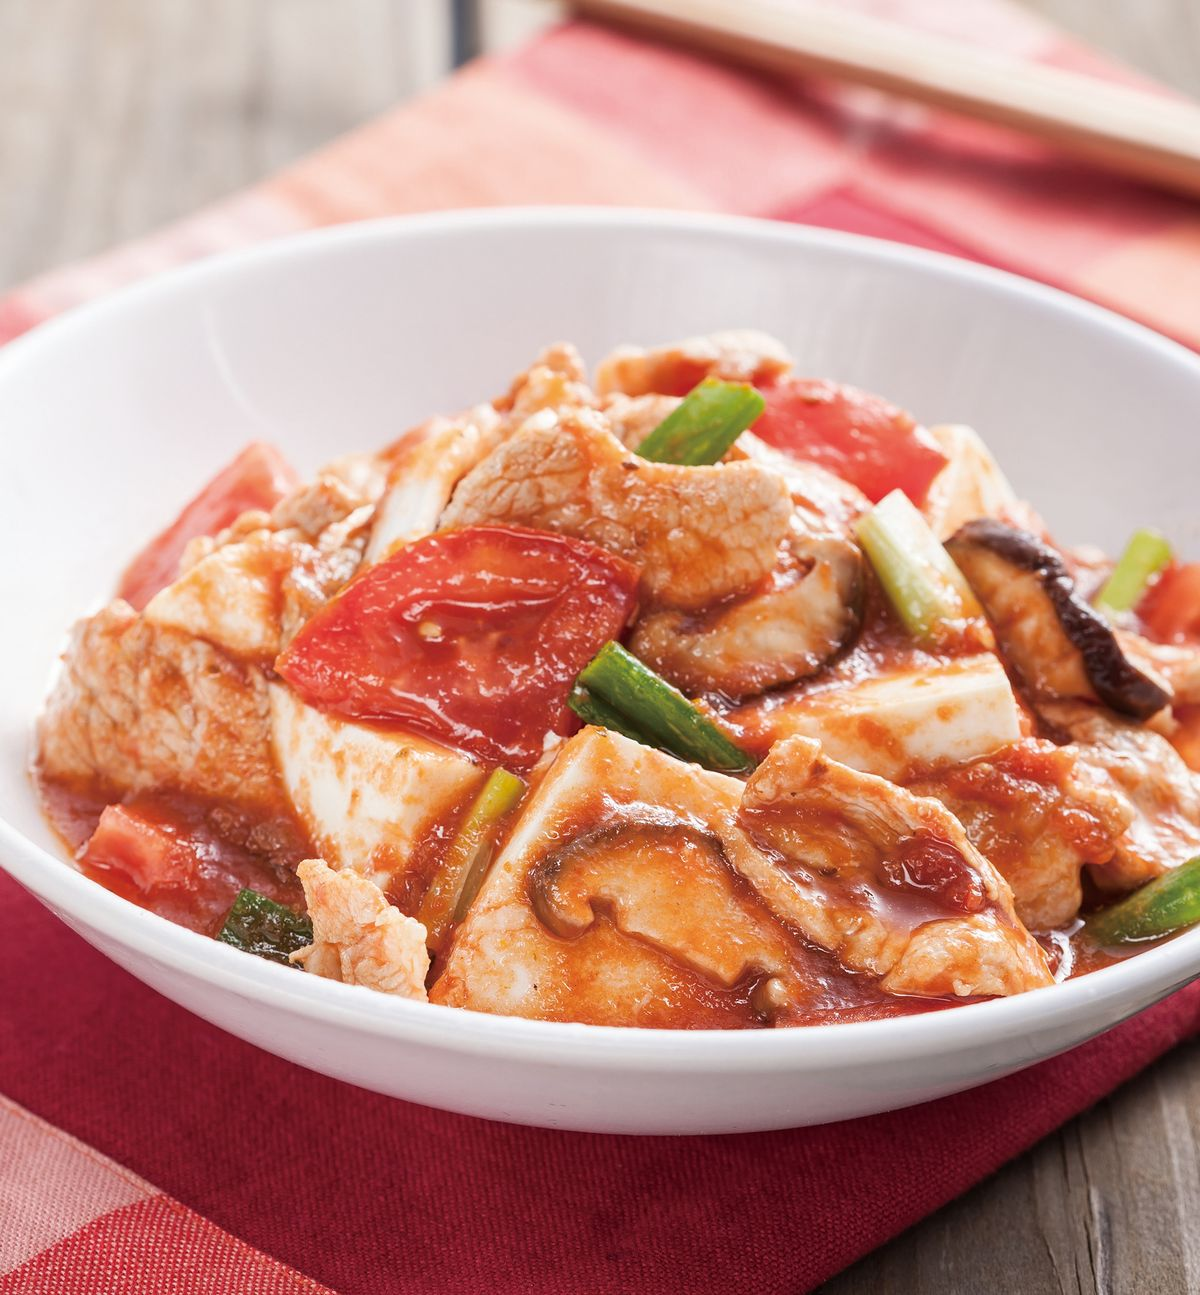 食譜:番茄豆腐肉片